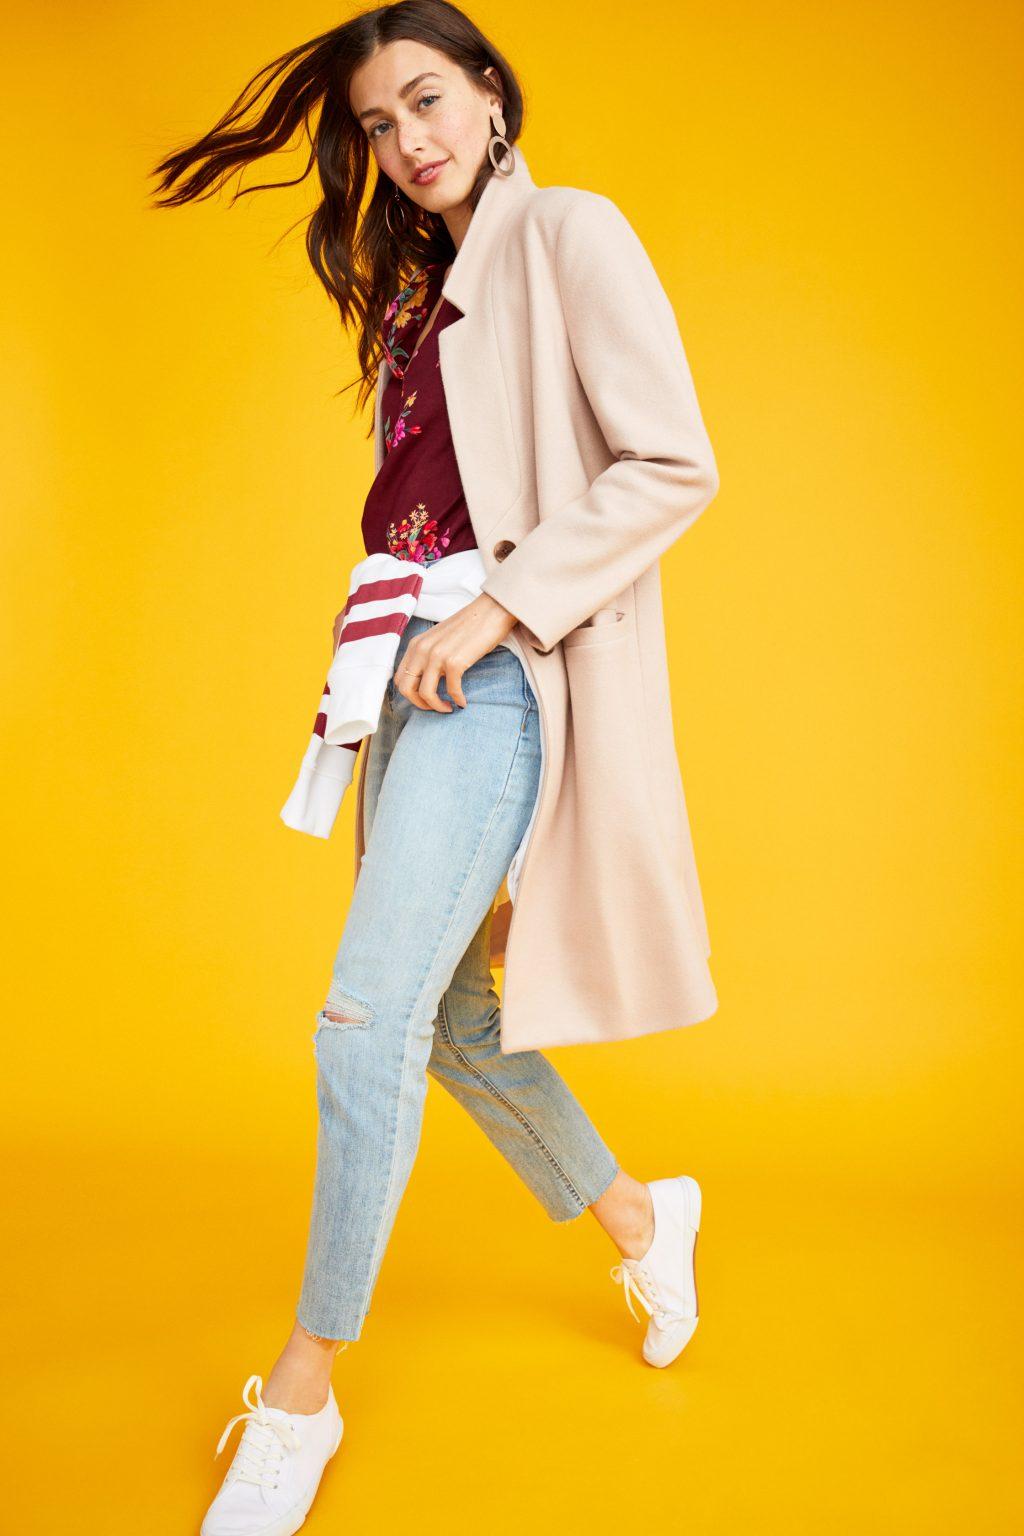 xu hướng quần jeans old navy 4